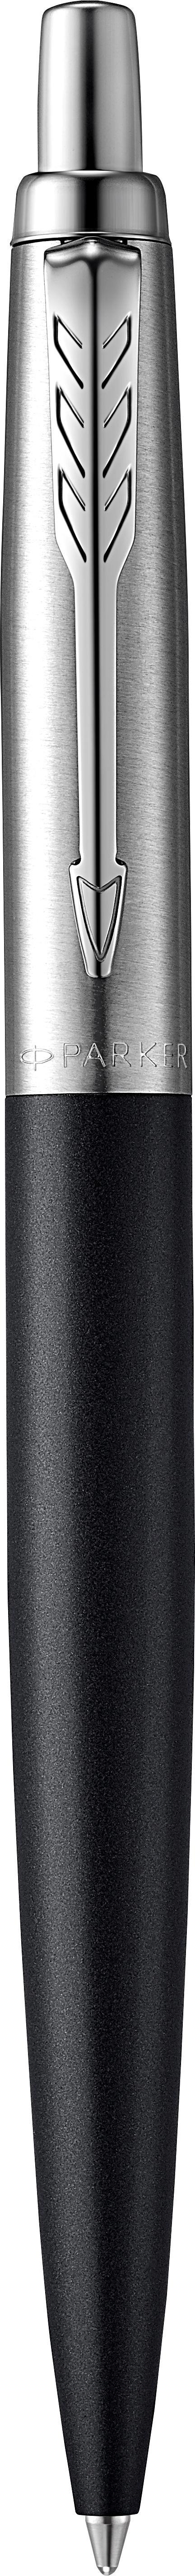 Ручка Parker Jotter XL M Black CT шарик